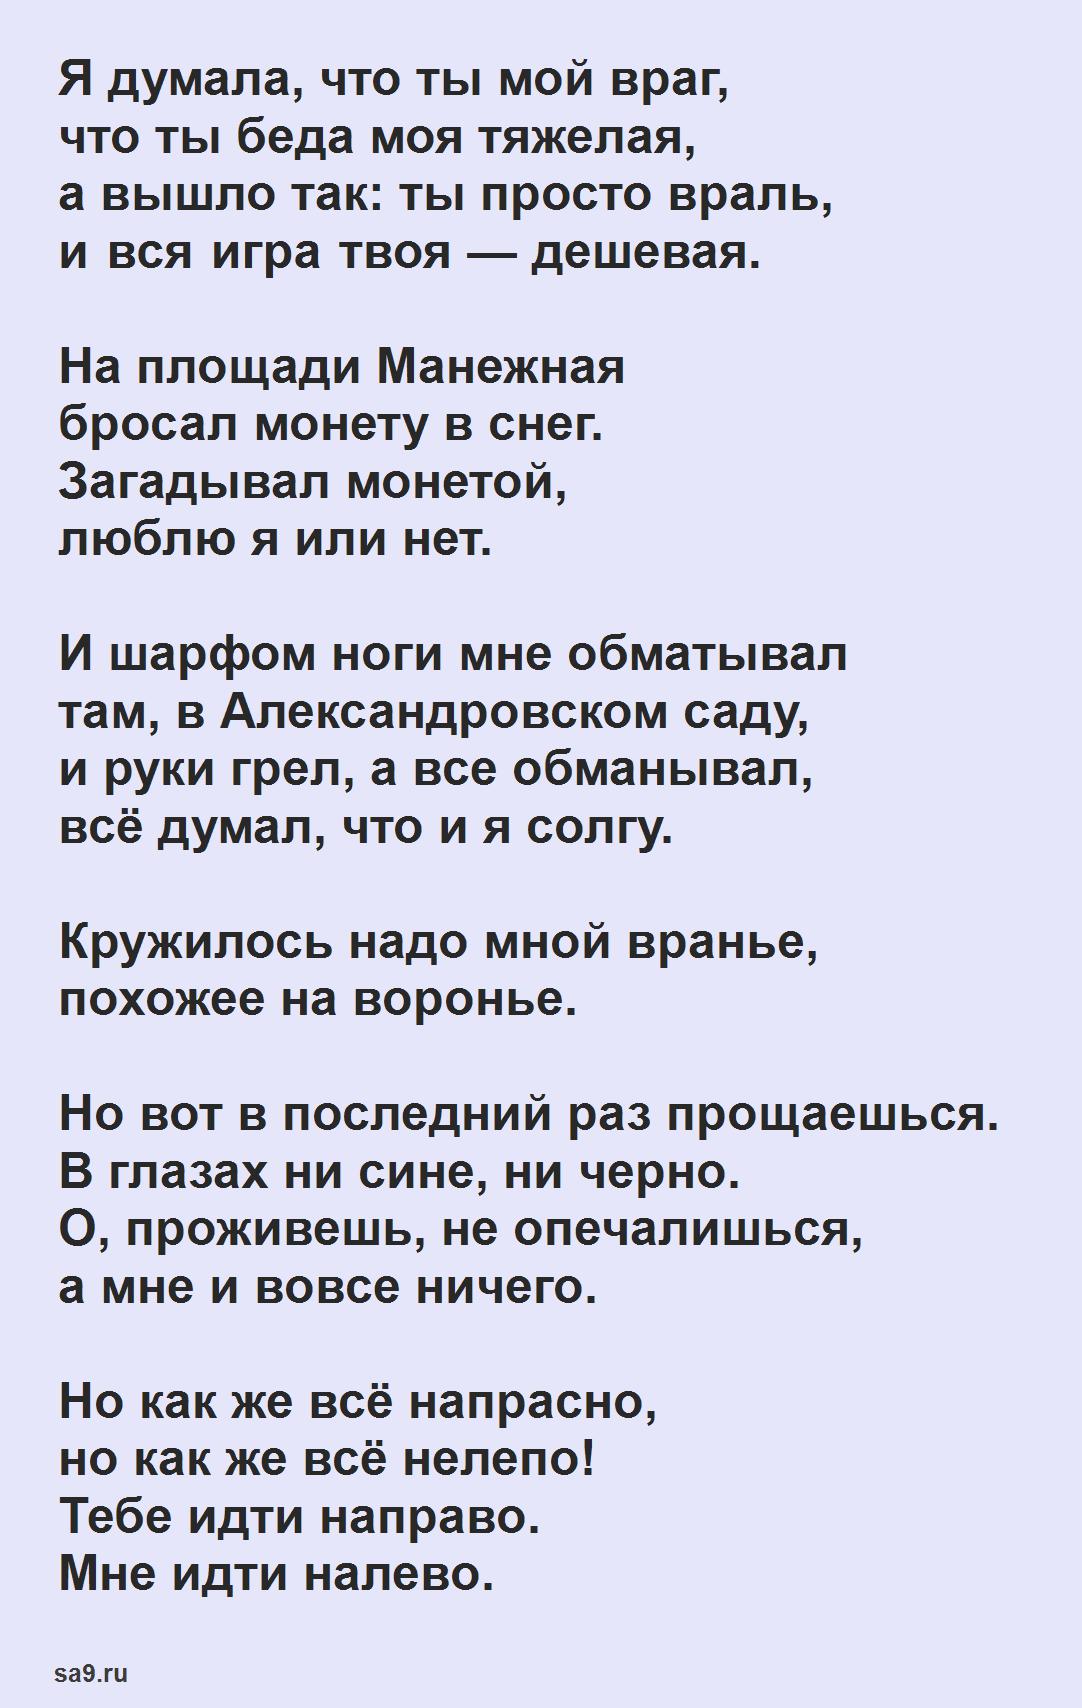 Лучшие стихи Беллы Ахмадулиной о любви - Я думала, что ты мой враг